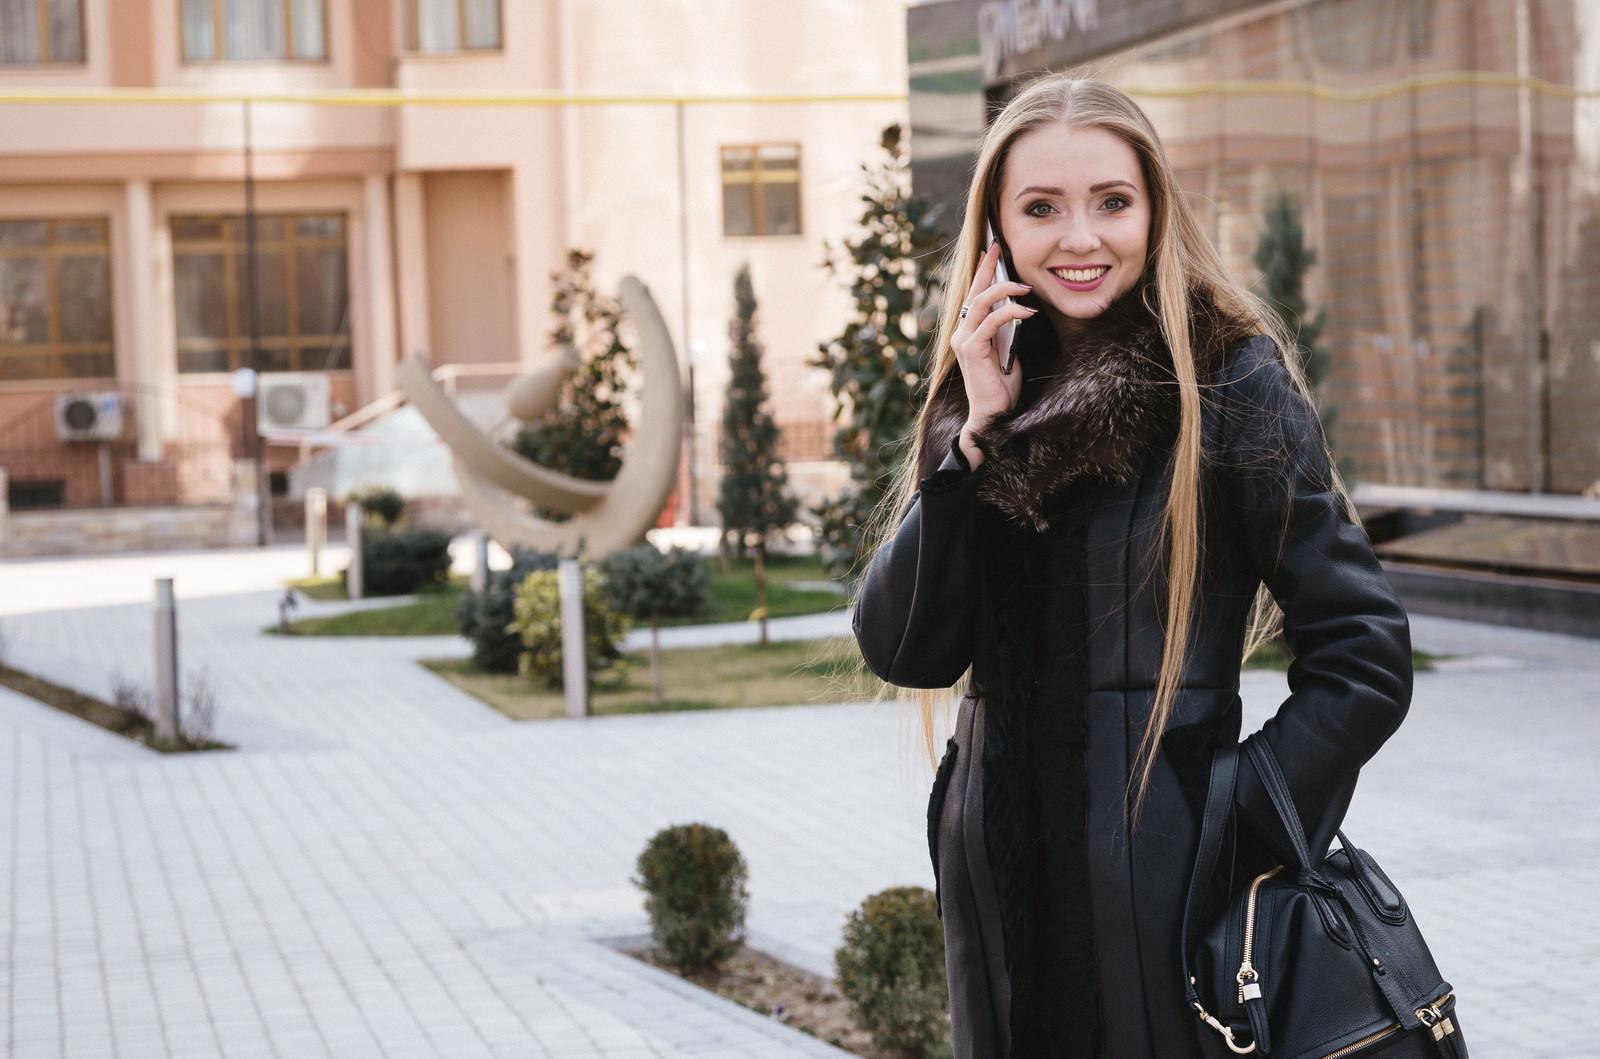 「ブロンドの外国人女性と待ち合わせ」の写真[モデル:モデルファクトリー]